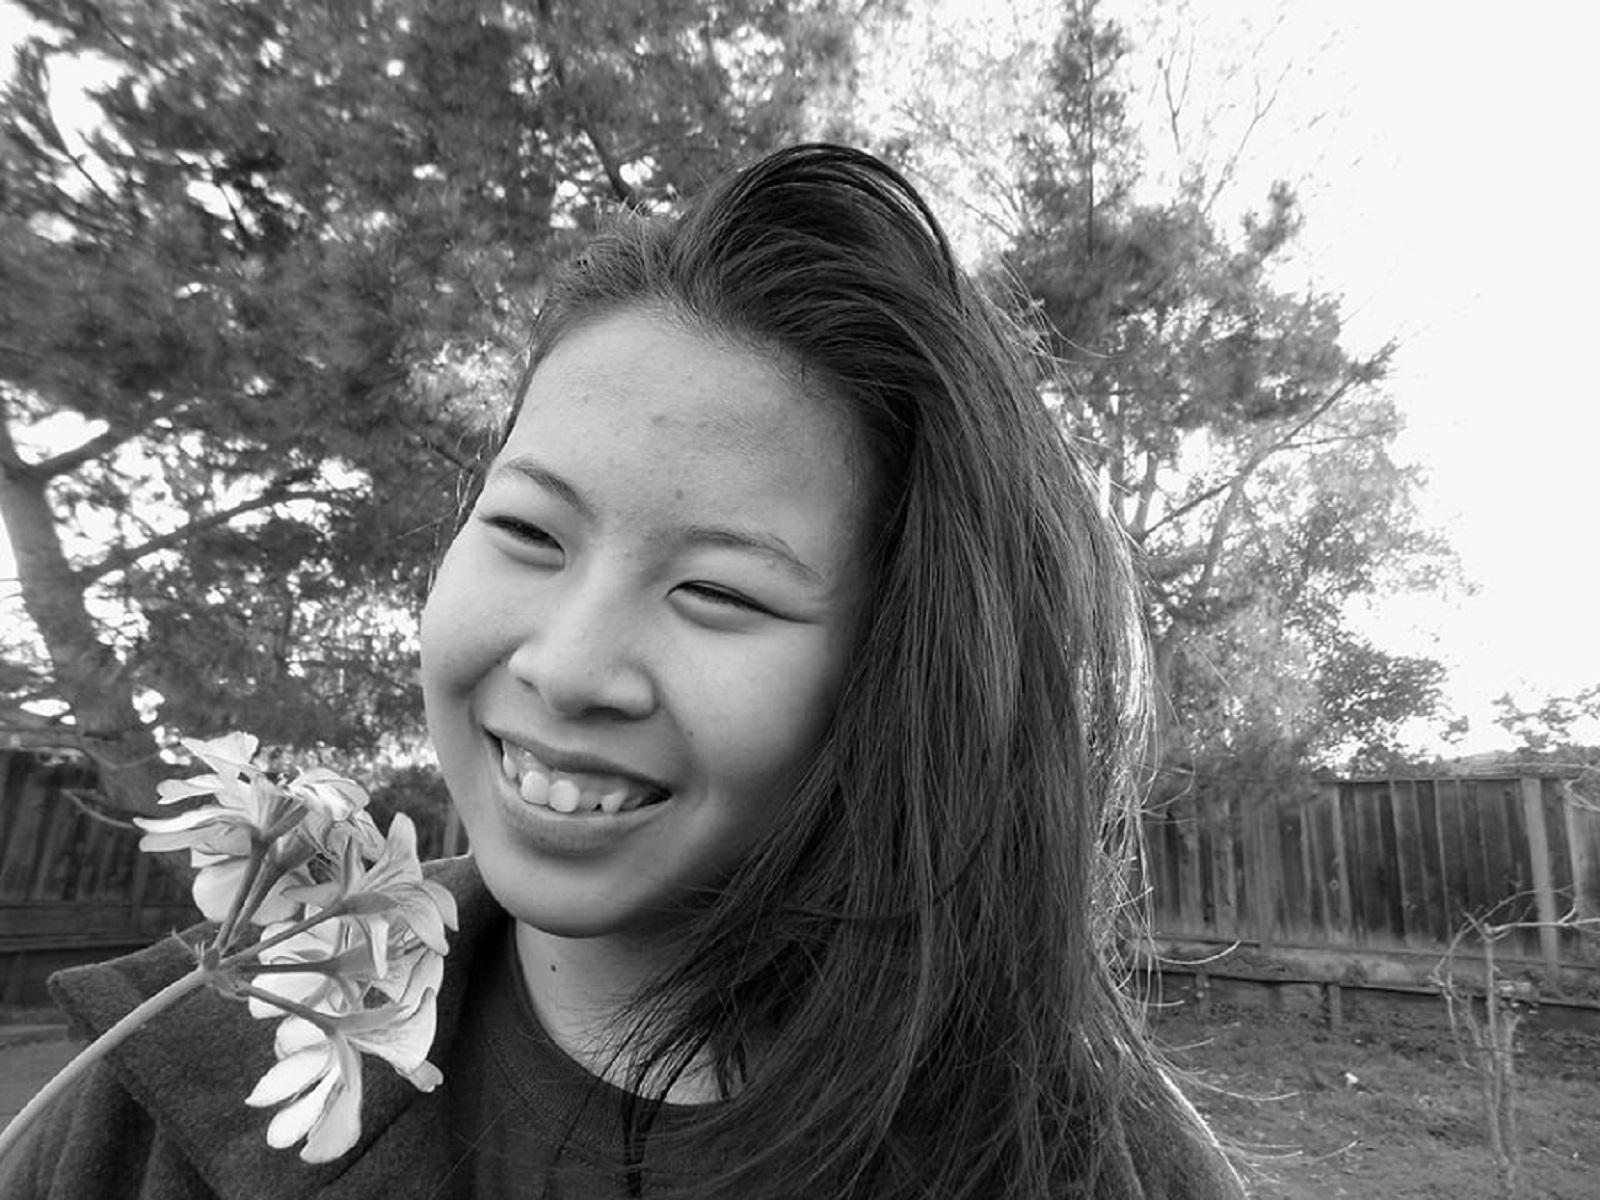 Sabrina Tsui   18, studying computer science at UC Santa Cruz